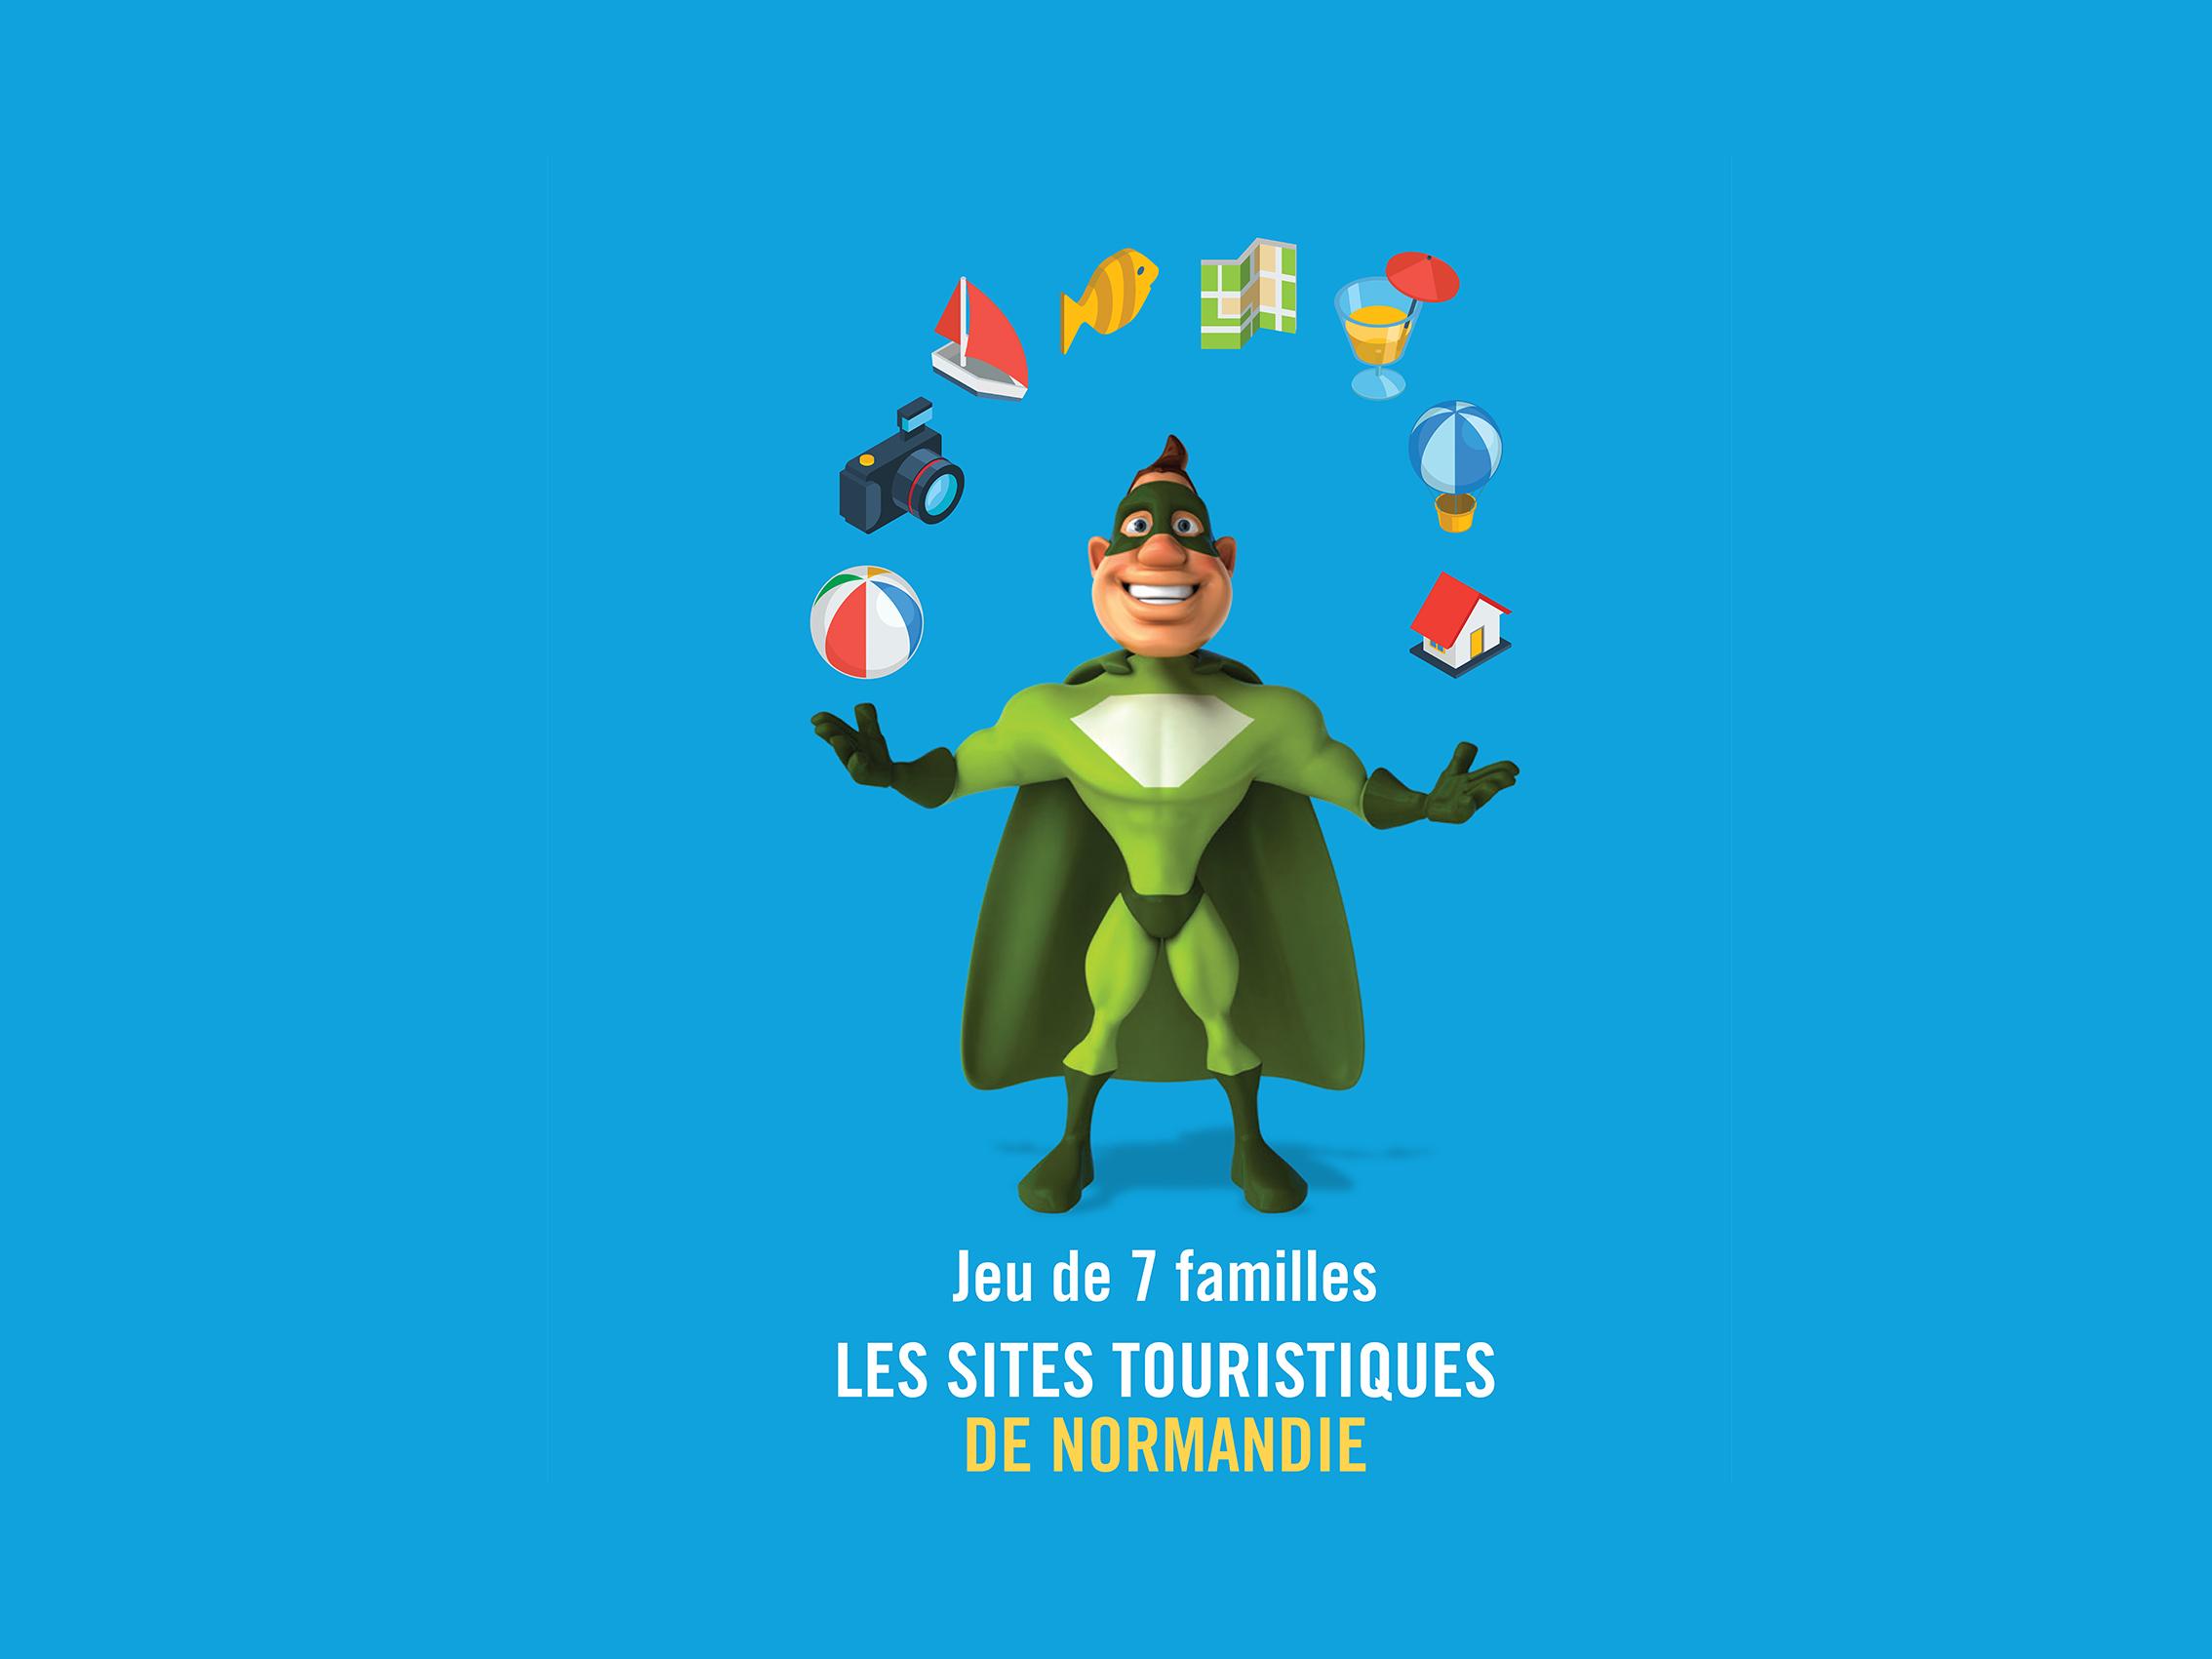 Jeu de 7 familles des sites touristiques de Normandie